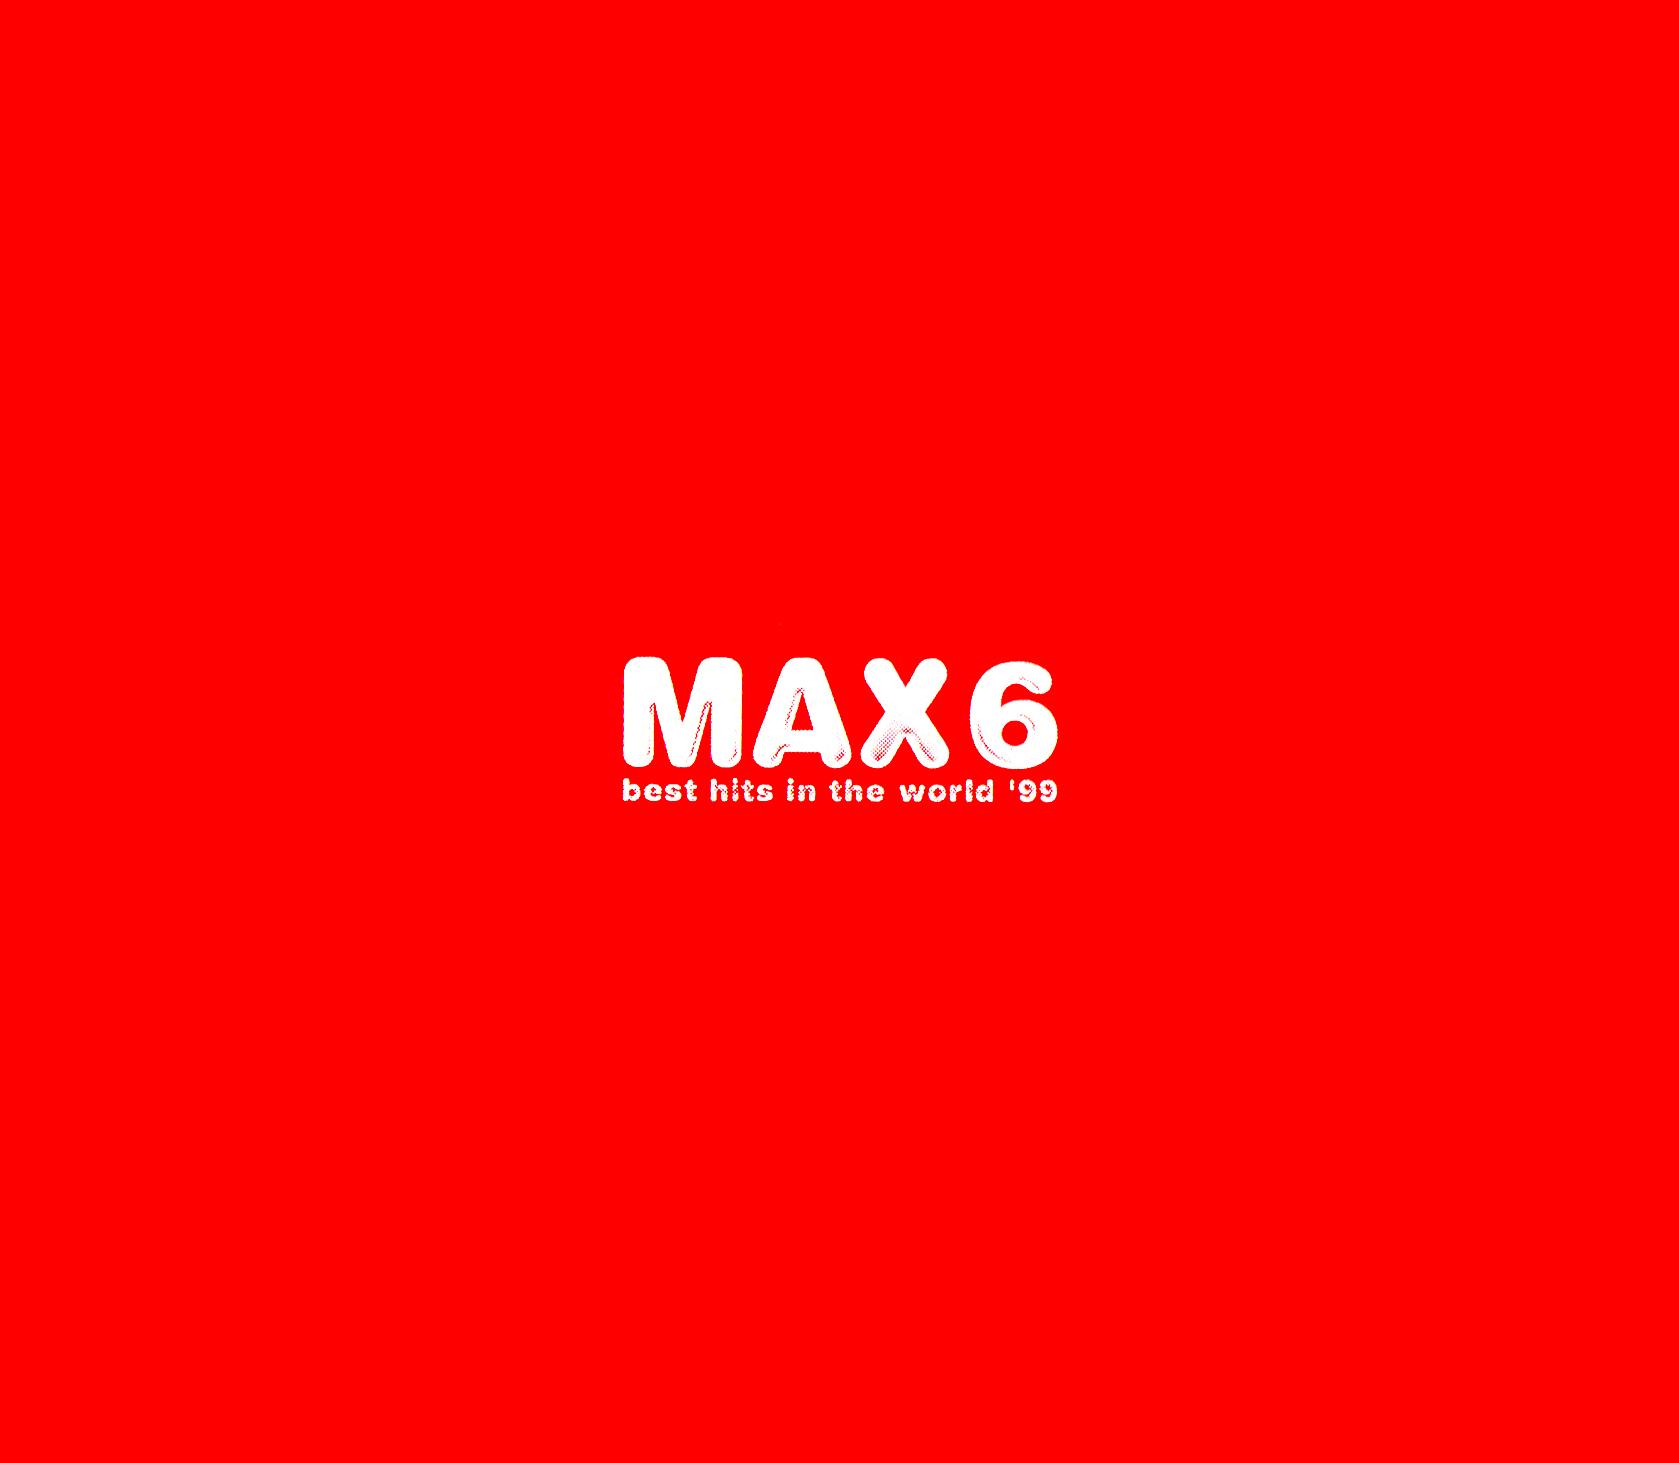 洋楽オムニバスアルバム『MAX6 best hits in the world '99』(1999年12月4日発売) 高画質CDジャケット画像